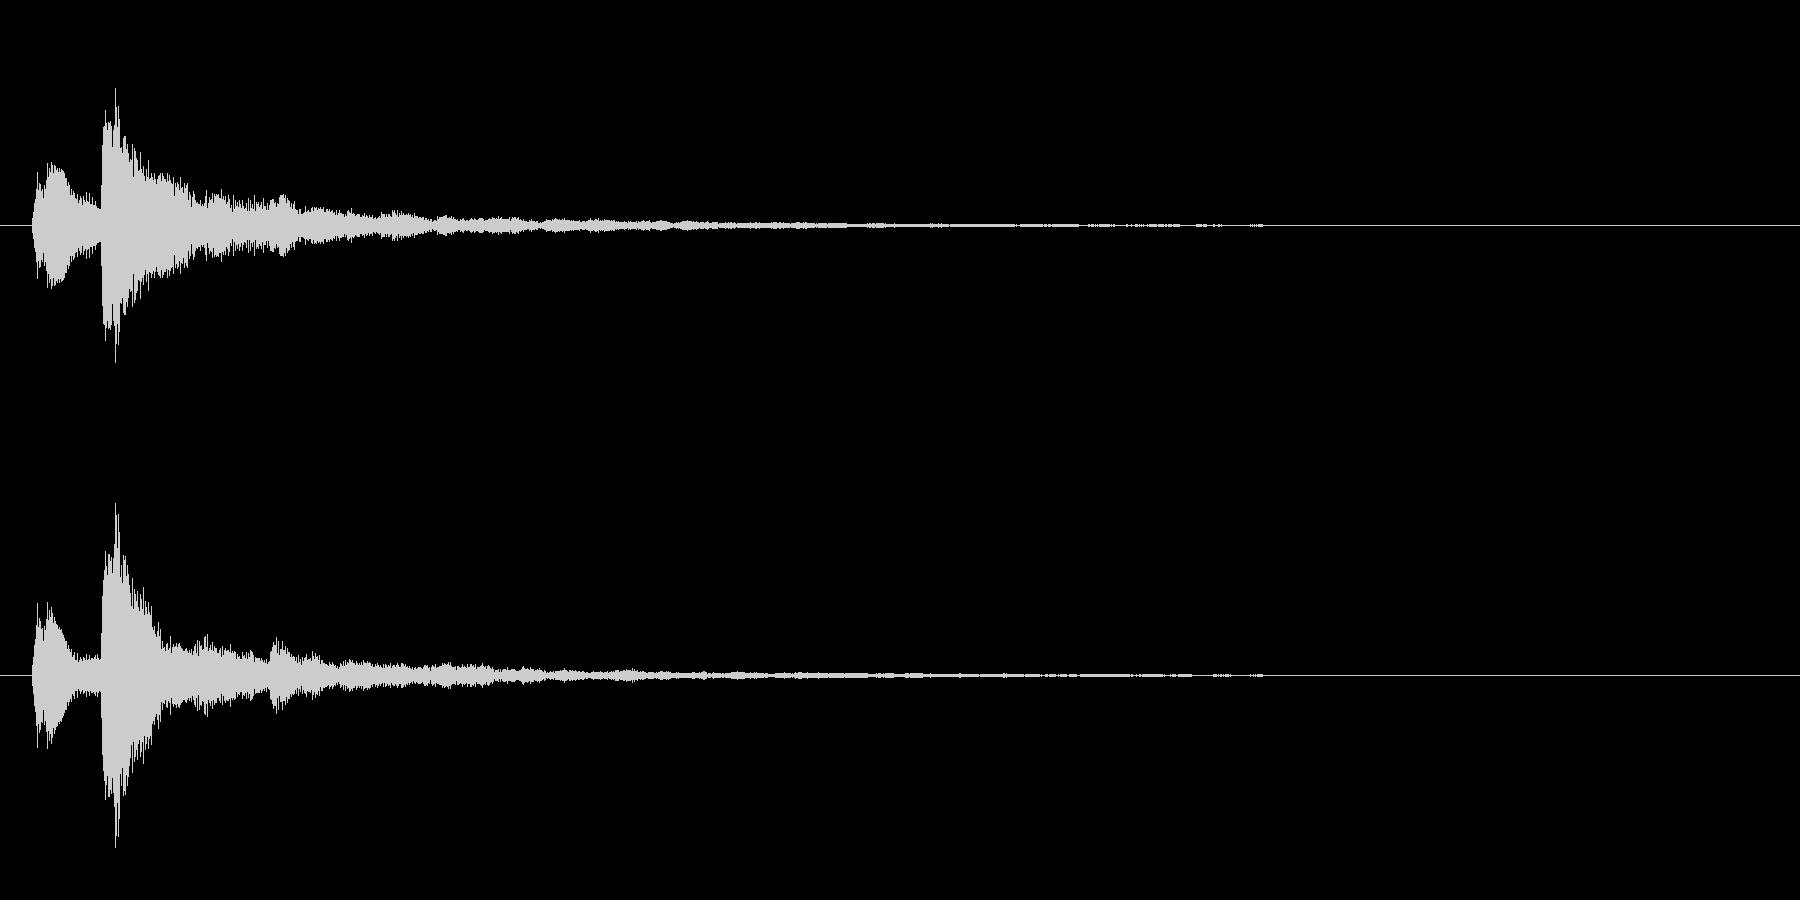 テロップ表示音~重音によるマイナー系~の未再生の波形